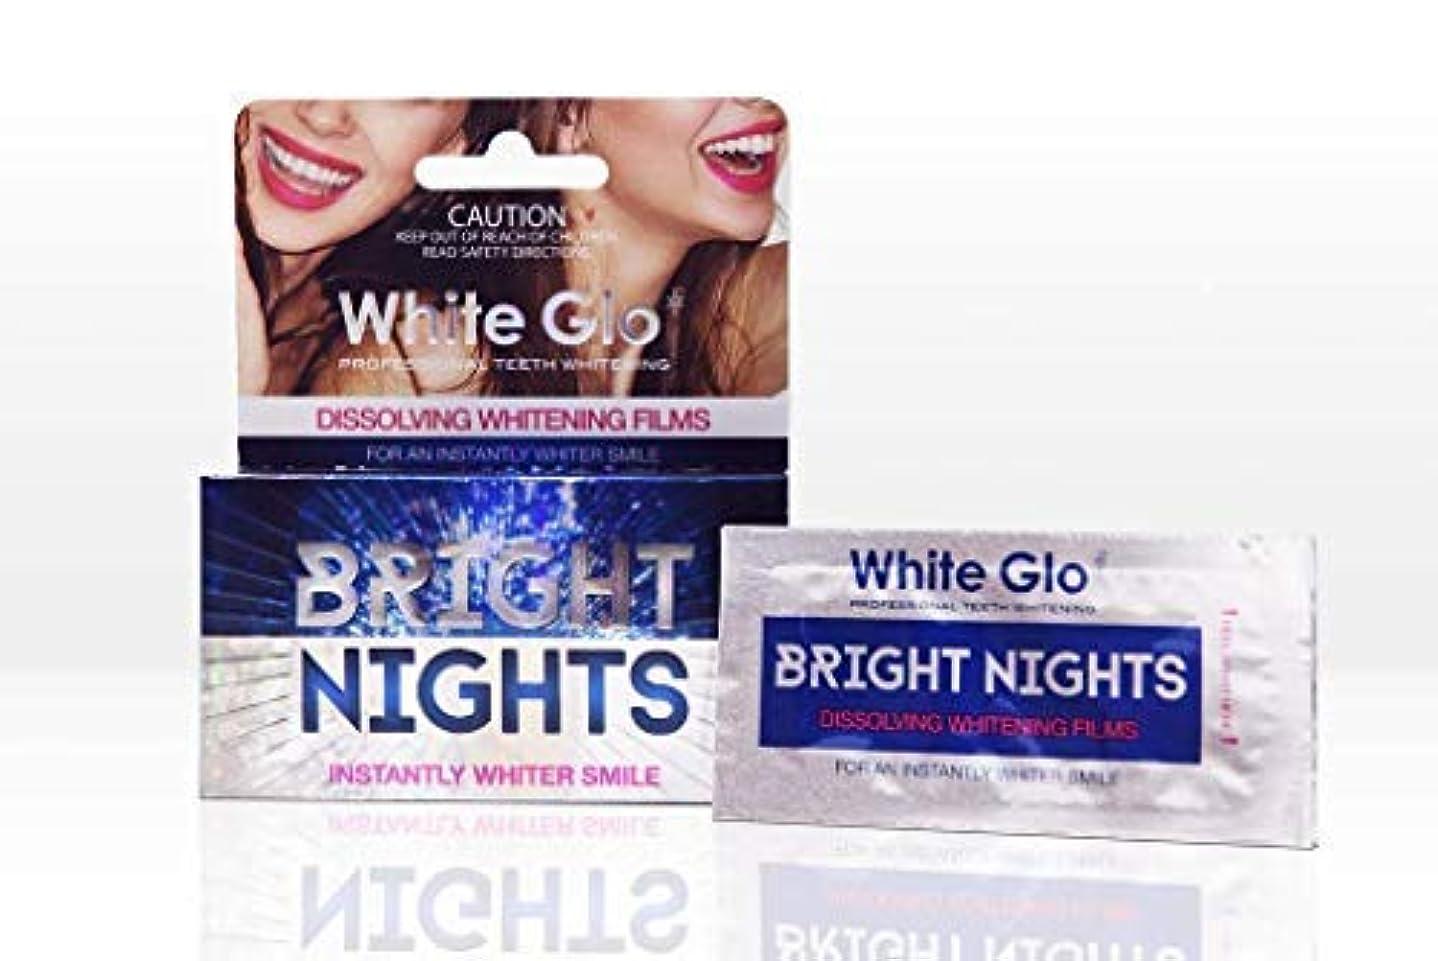 Teeth Whitening Systems White Glo Bright Nights Whitening Strips 6pcs Australia / システムを白くする歯を白くするストリップの白を明るくする...